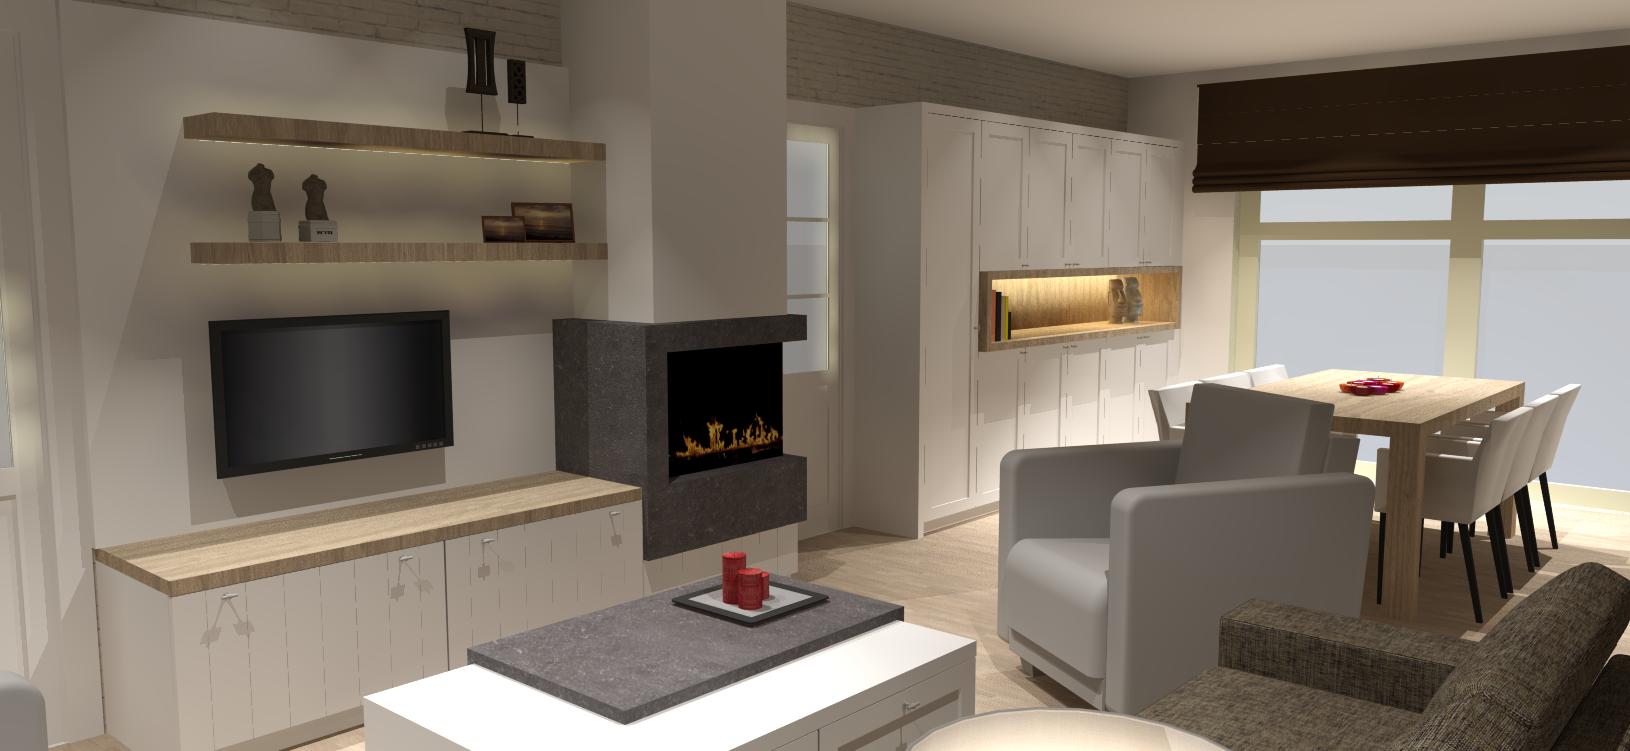 Haard tv meubel met grote bergkast strak landelijk i 39 am for Afbeeldingen interieur